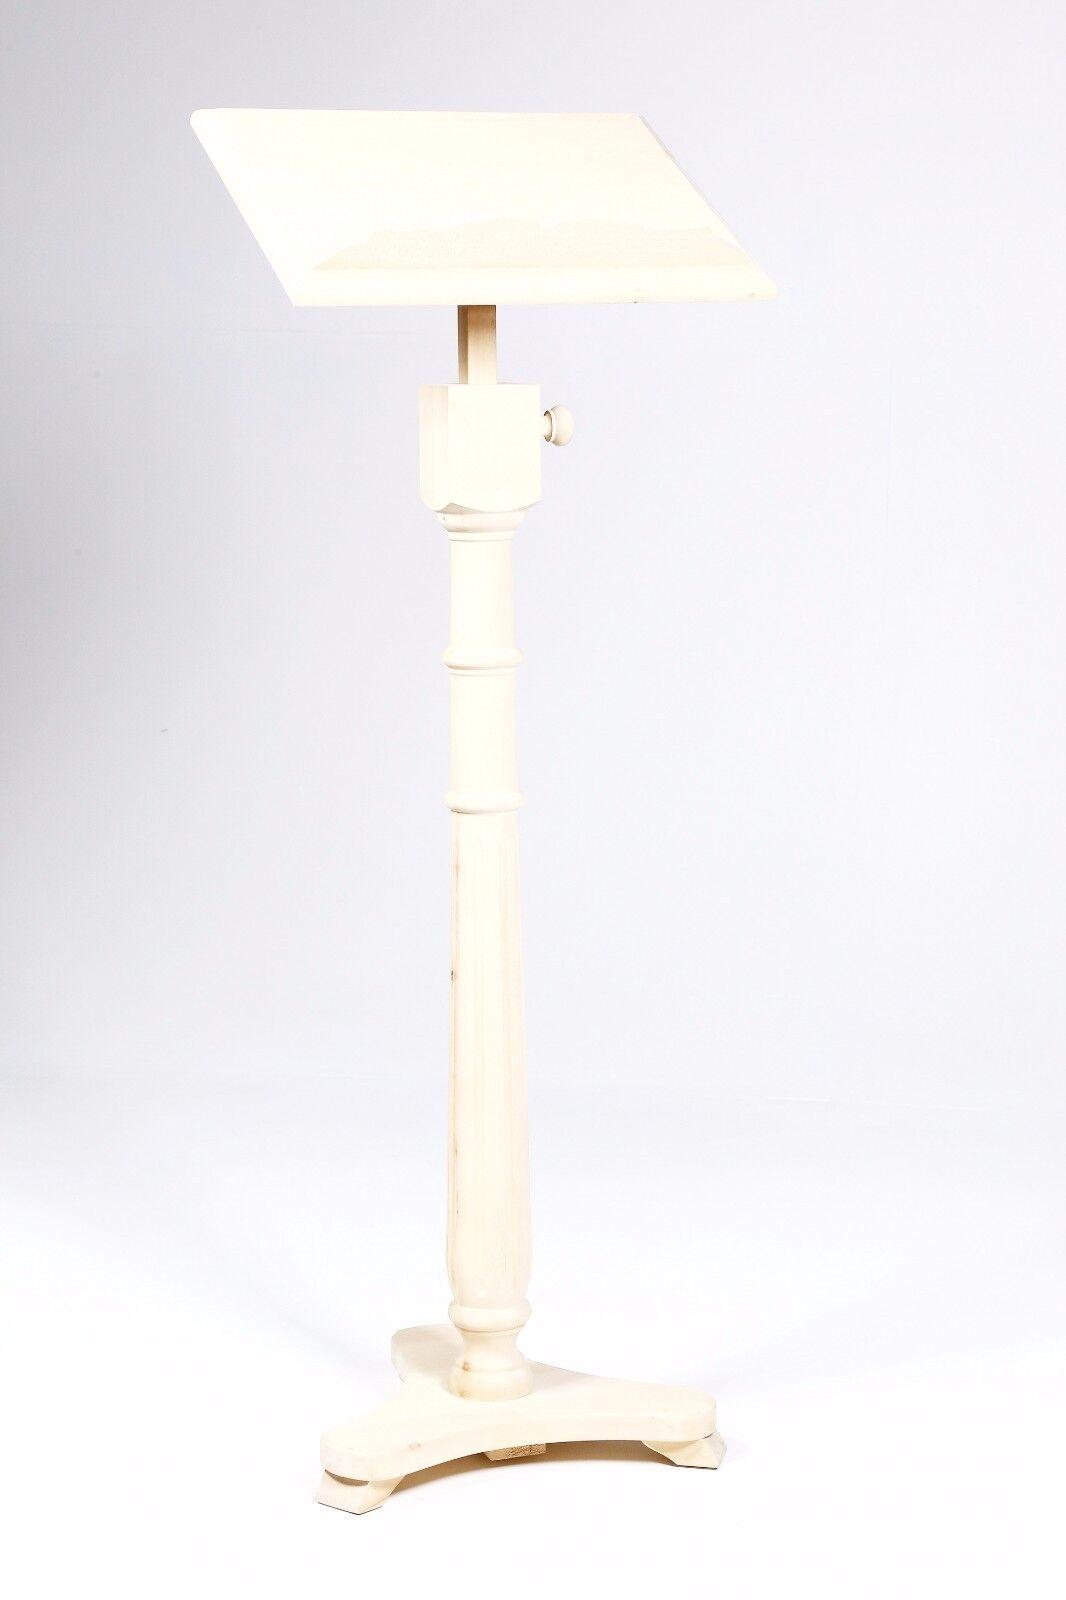 Bellissimo Leggio in legno Faggio al grezzo con colonna scanalata da decorare